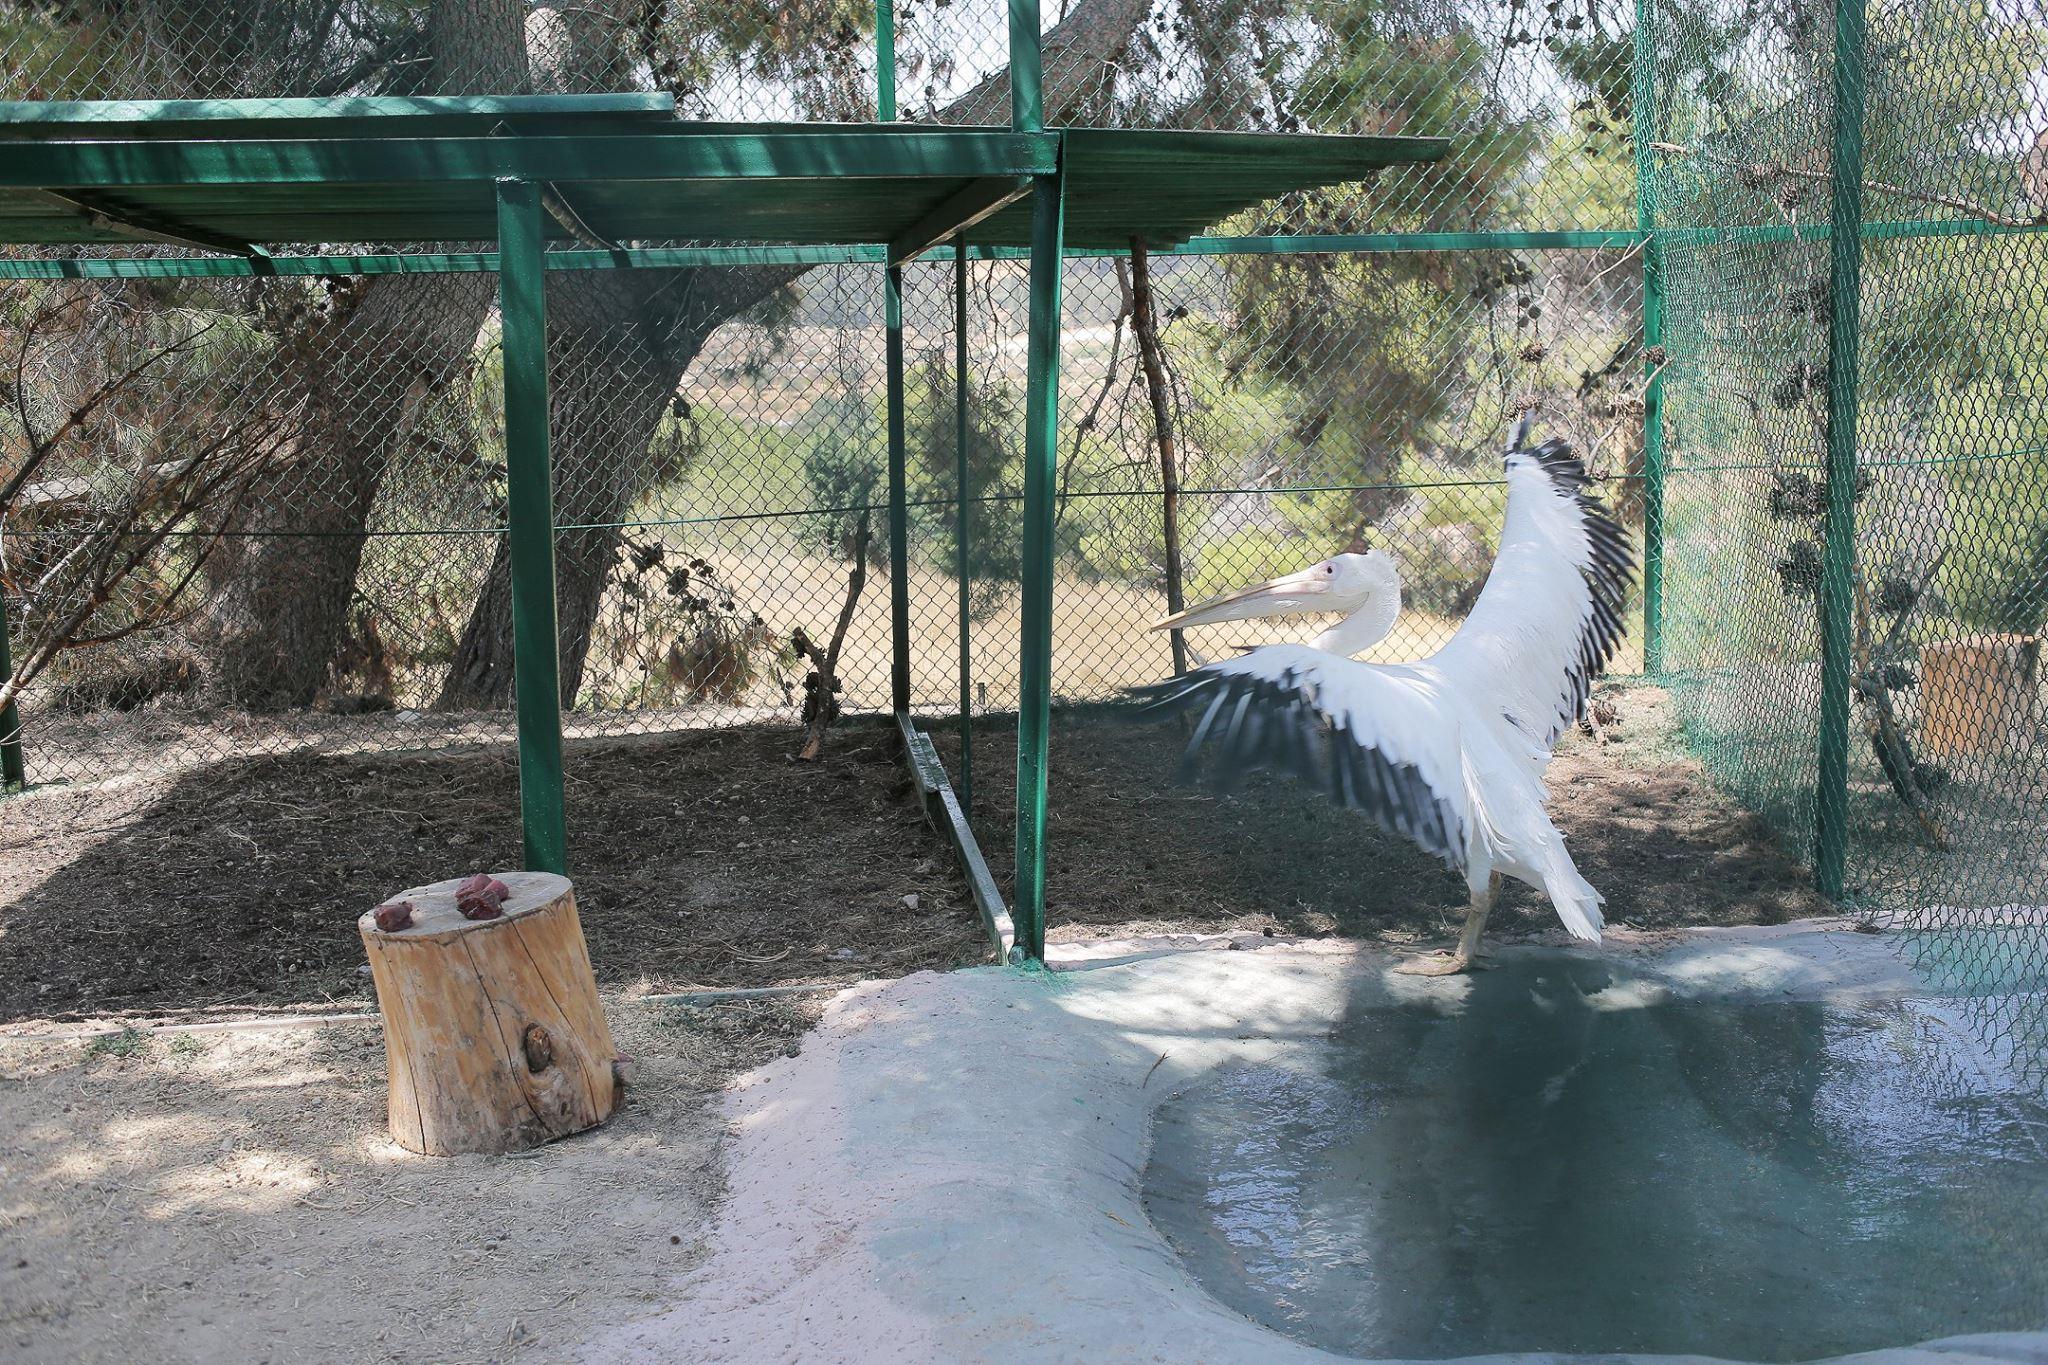 zoo-gaza-sauvetage-four-paws-22